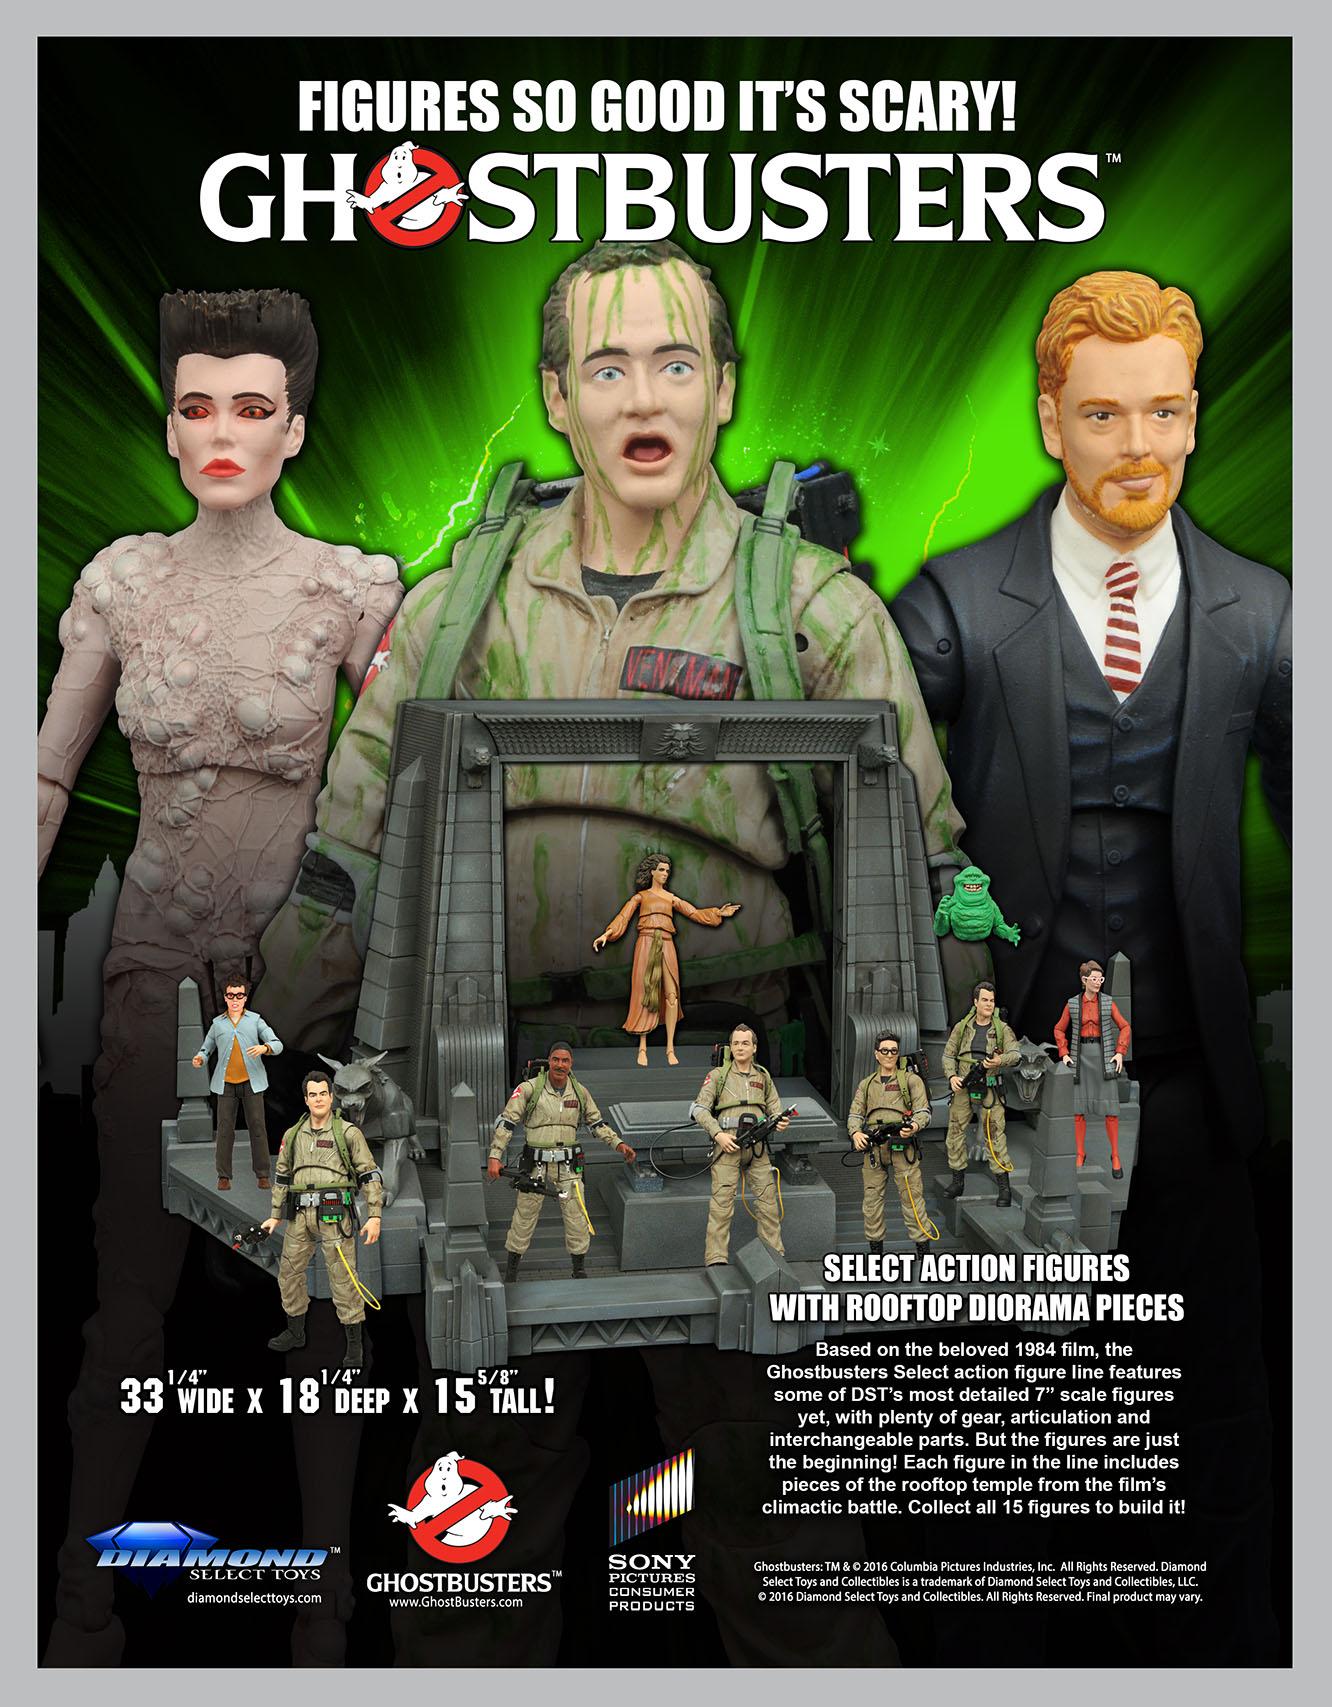 ghostbustersaf4_ad